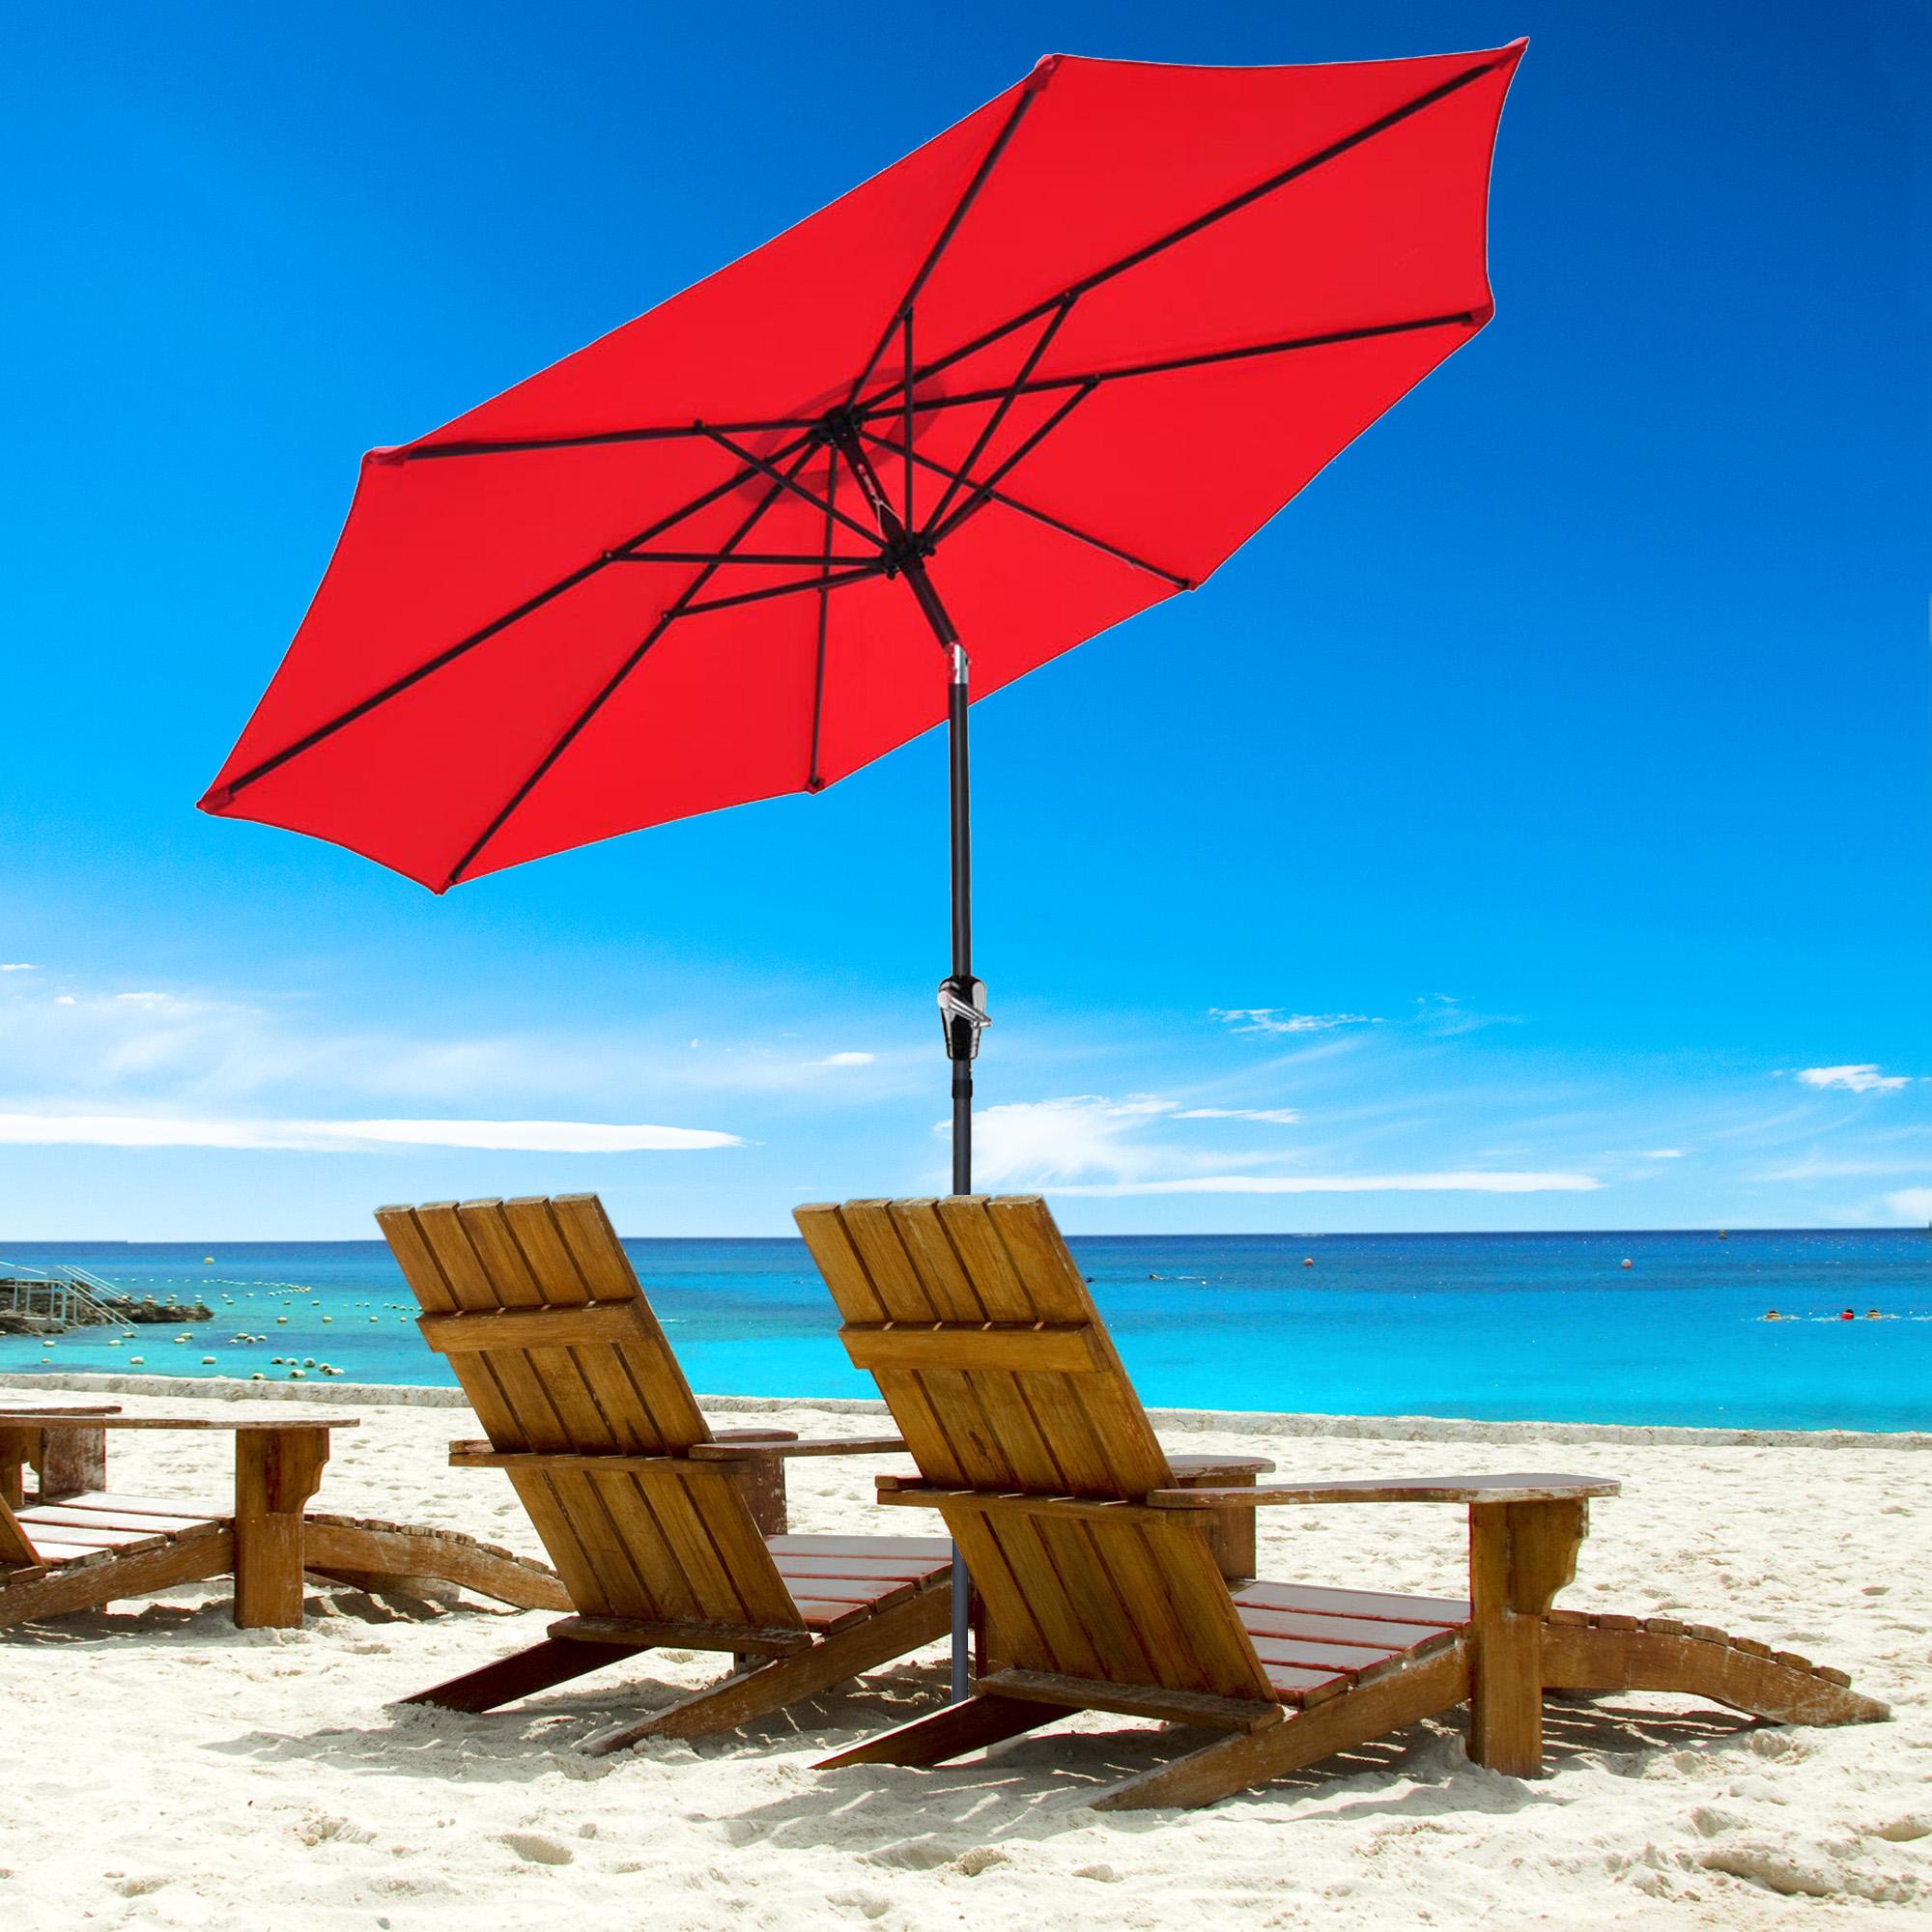 thumbnail 87 - 9' Outdoor Umbrella Patio 8 Ribs Market Garden Crank Tilt Beach Sunshade Parasol